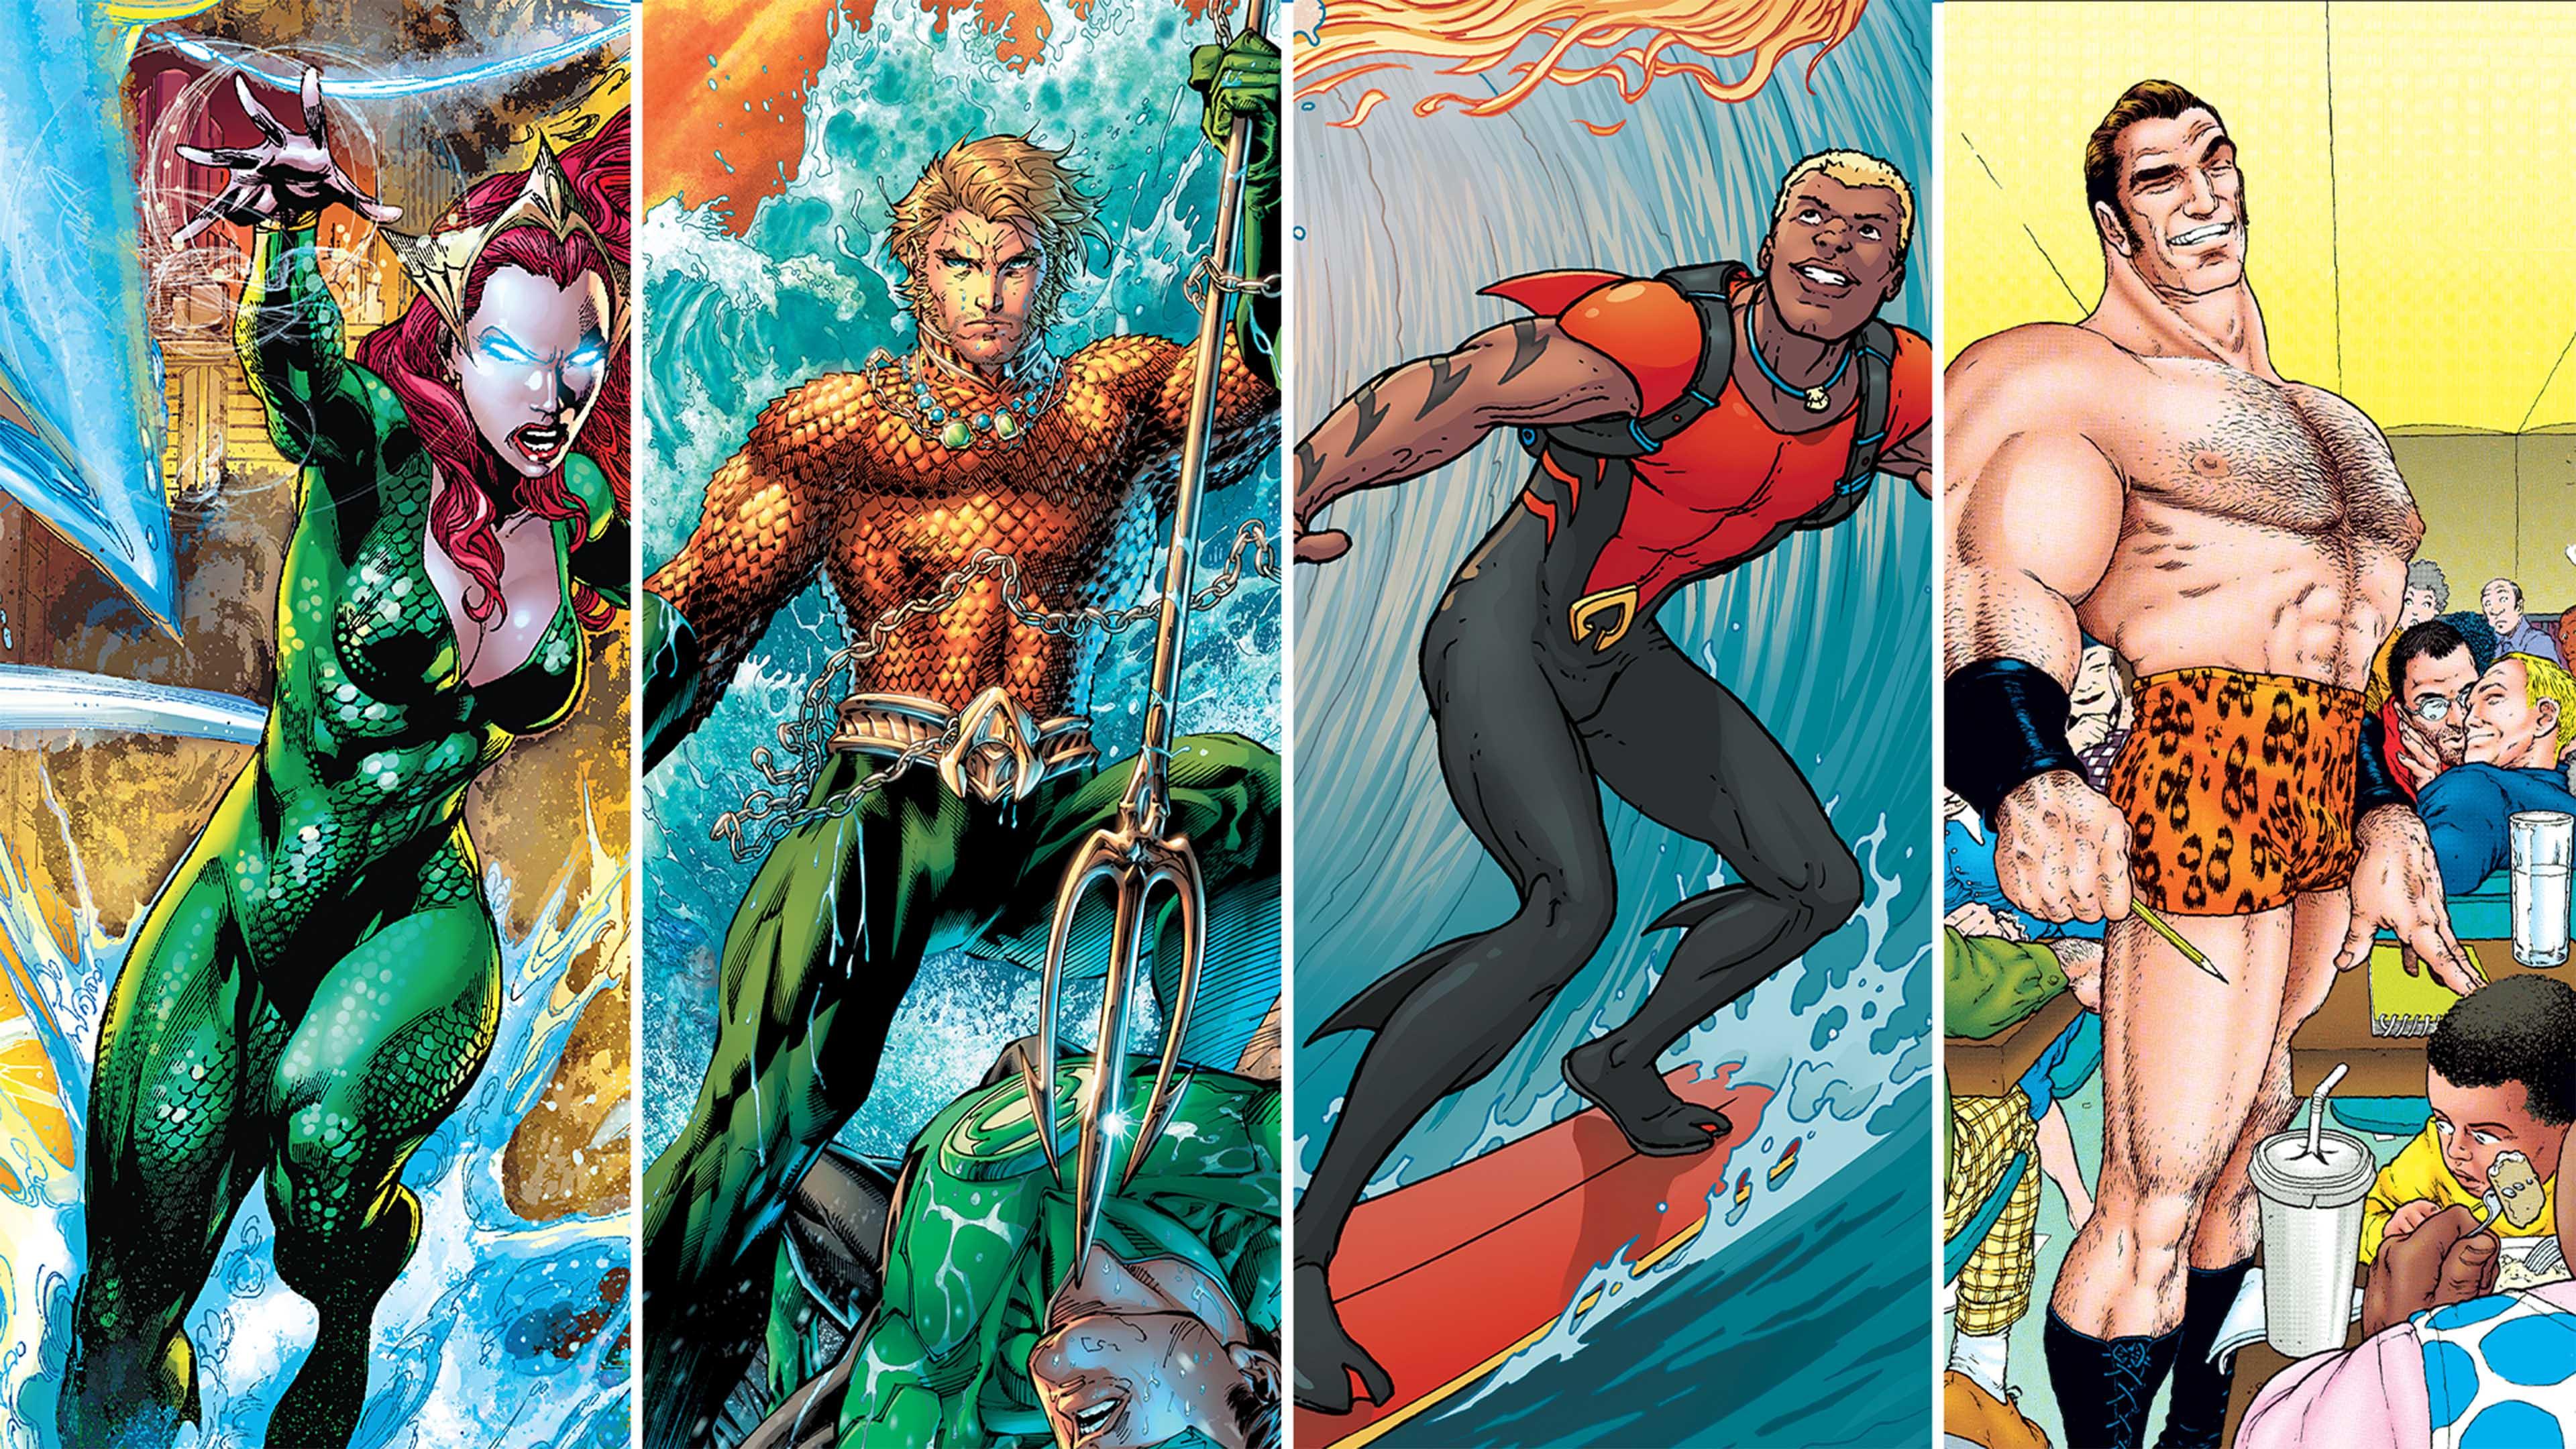 fav_hero_of_the_beach_poll_fnl_hero-c2.jpg